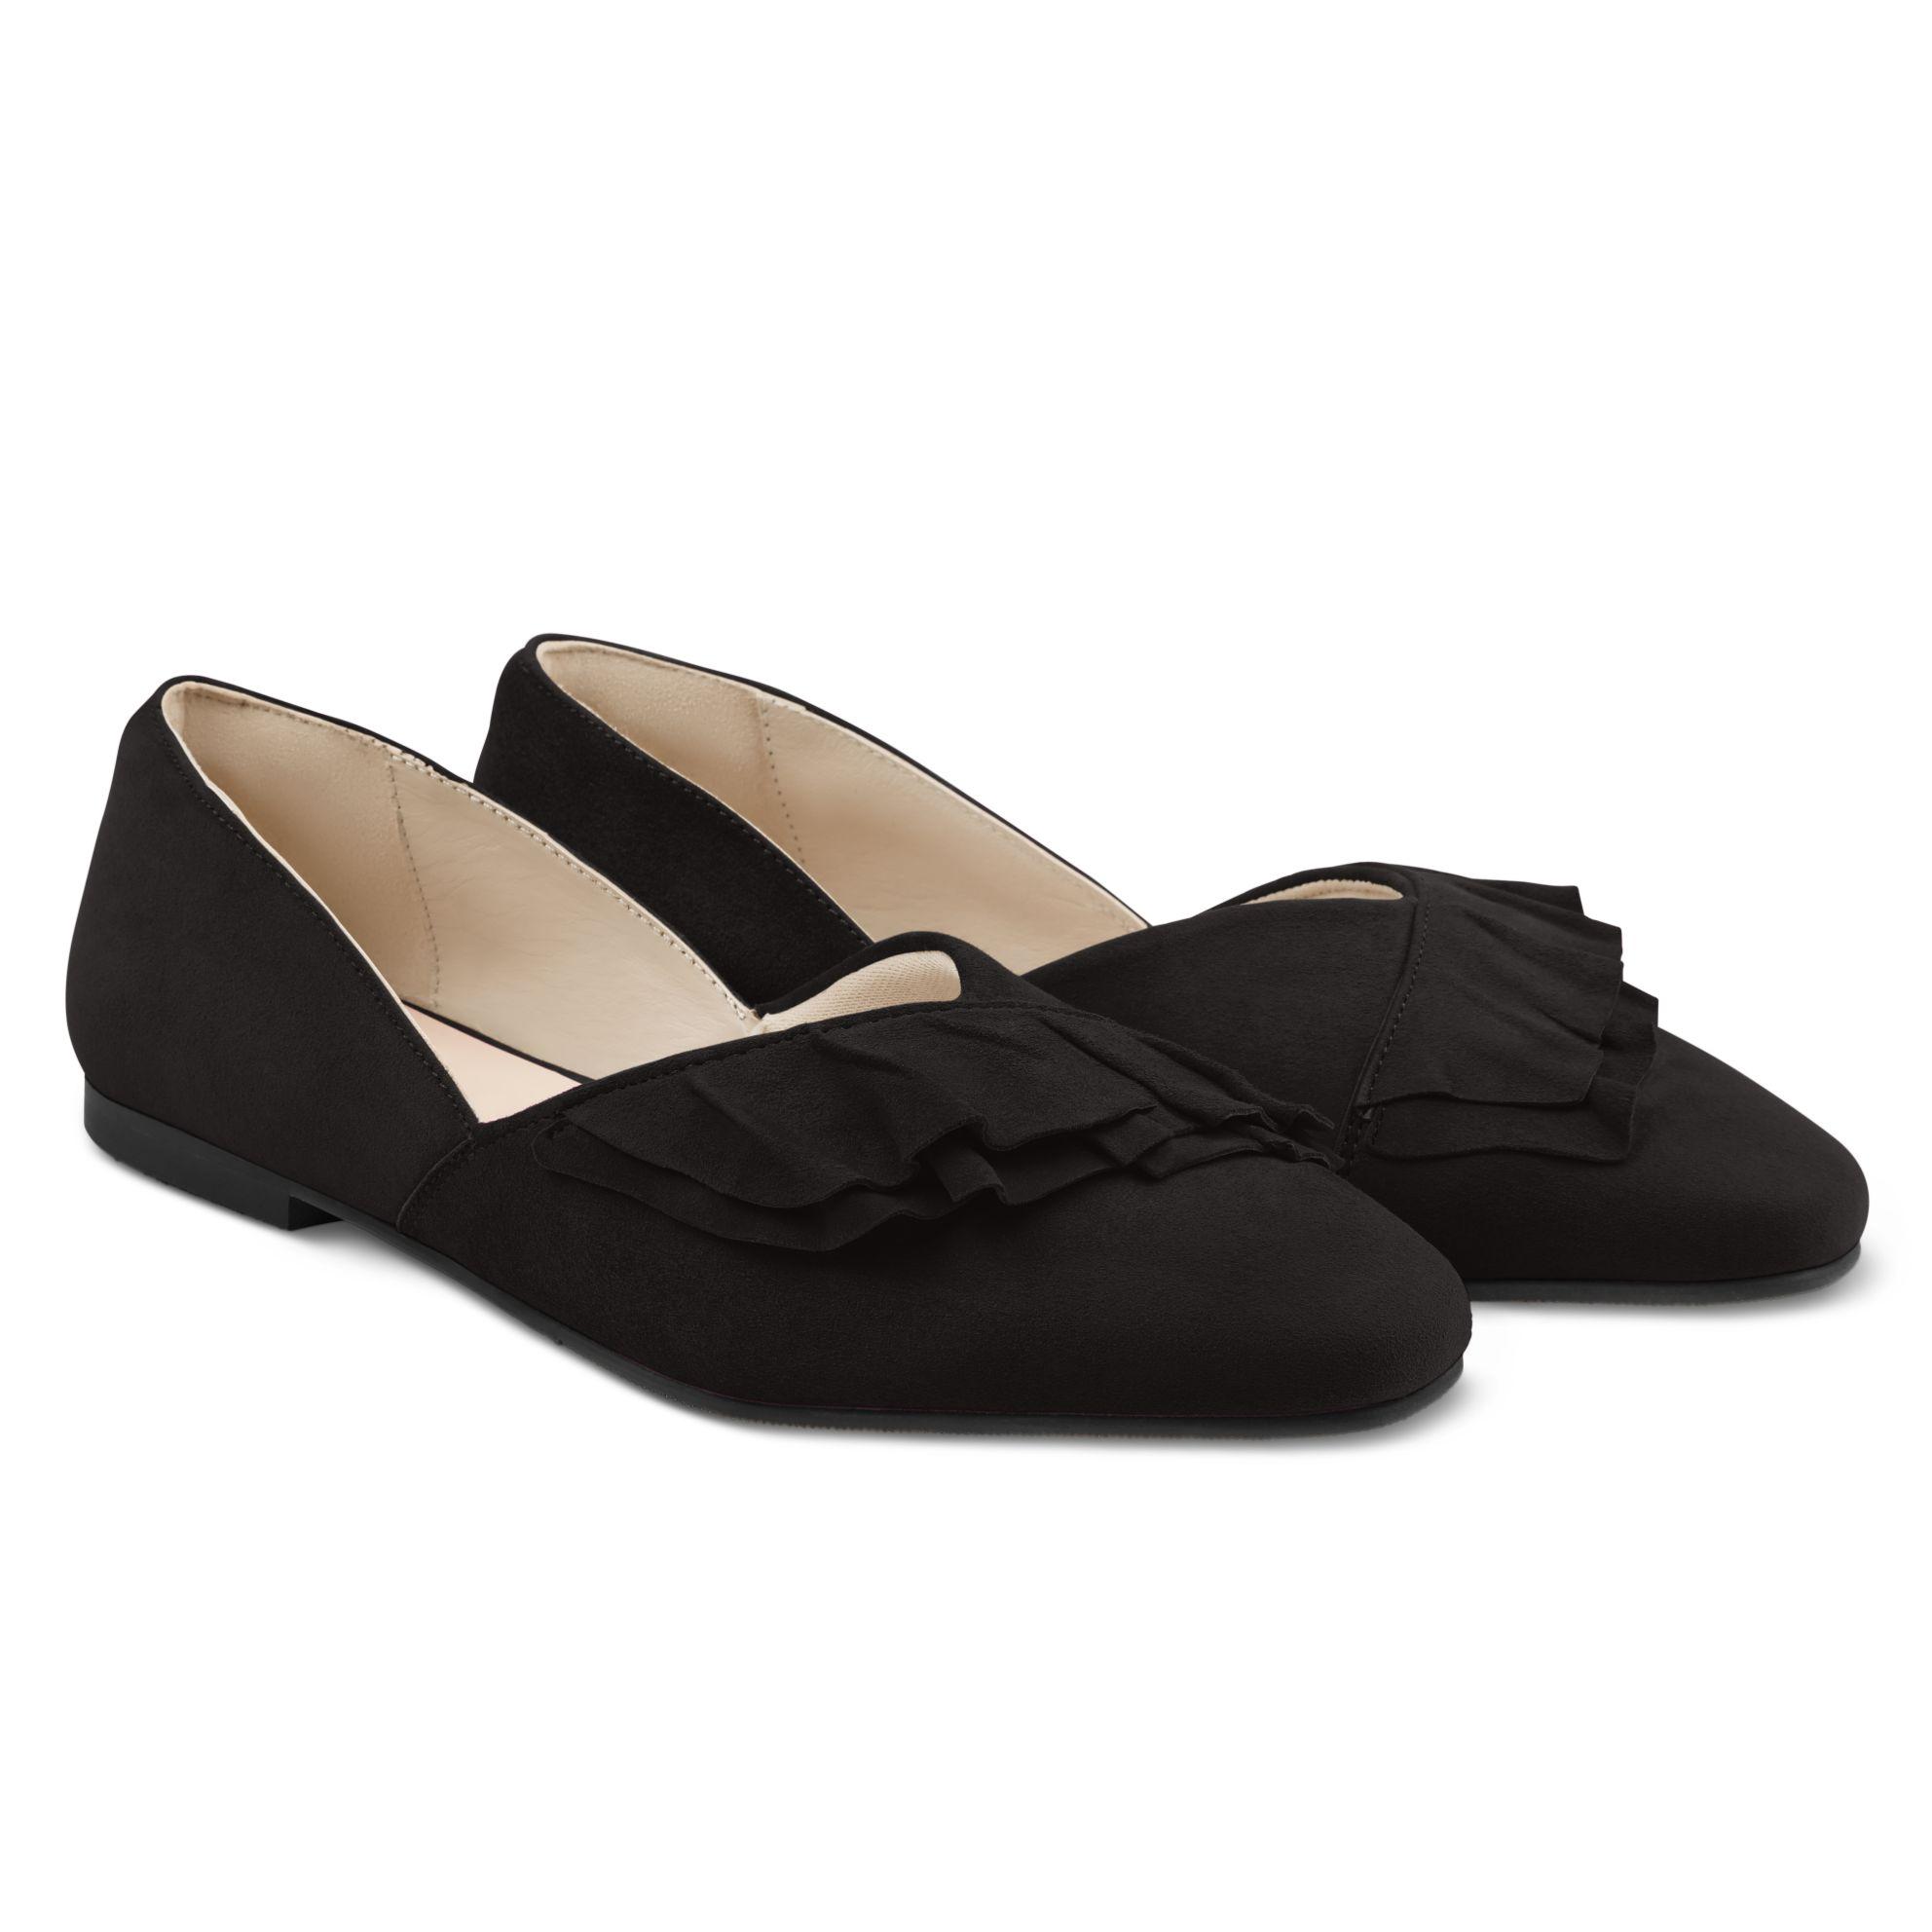 Ballerina mit Volant Schwarz – modischer und bequemer Schuh für Hallux valgus und empfindliche Füße von LaShoe.de